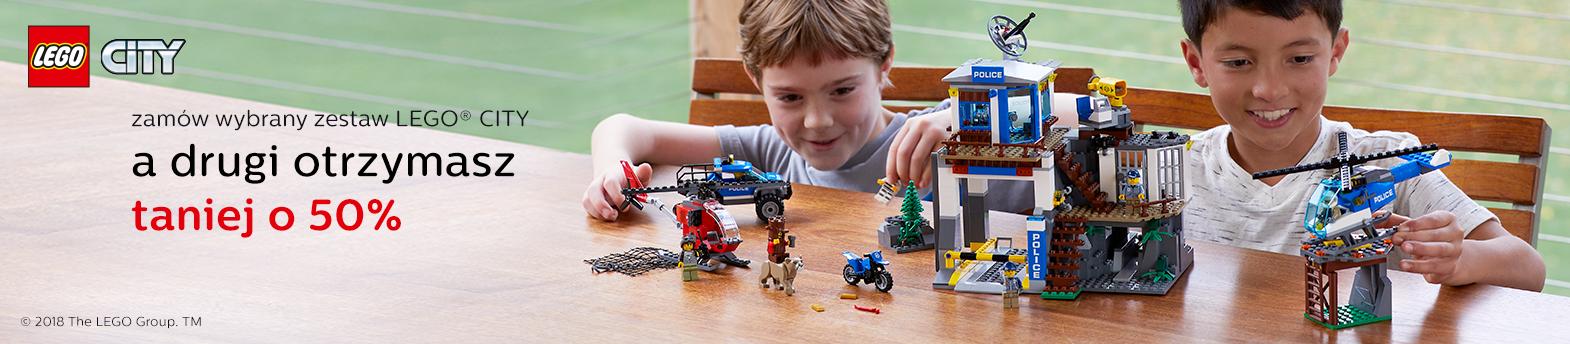 LEGO® City -50% na drugi zestaw